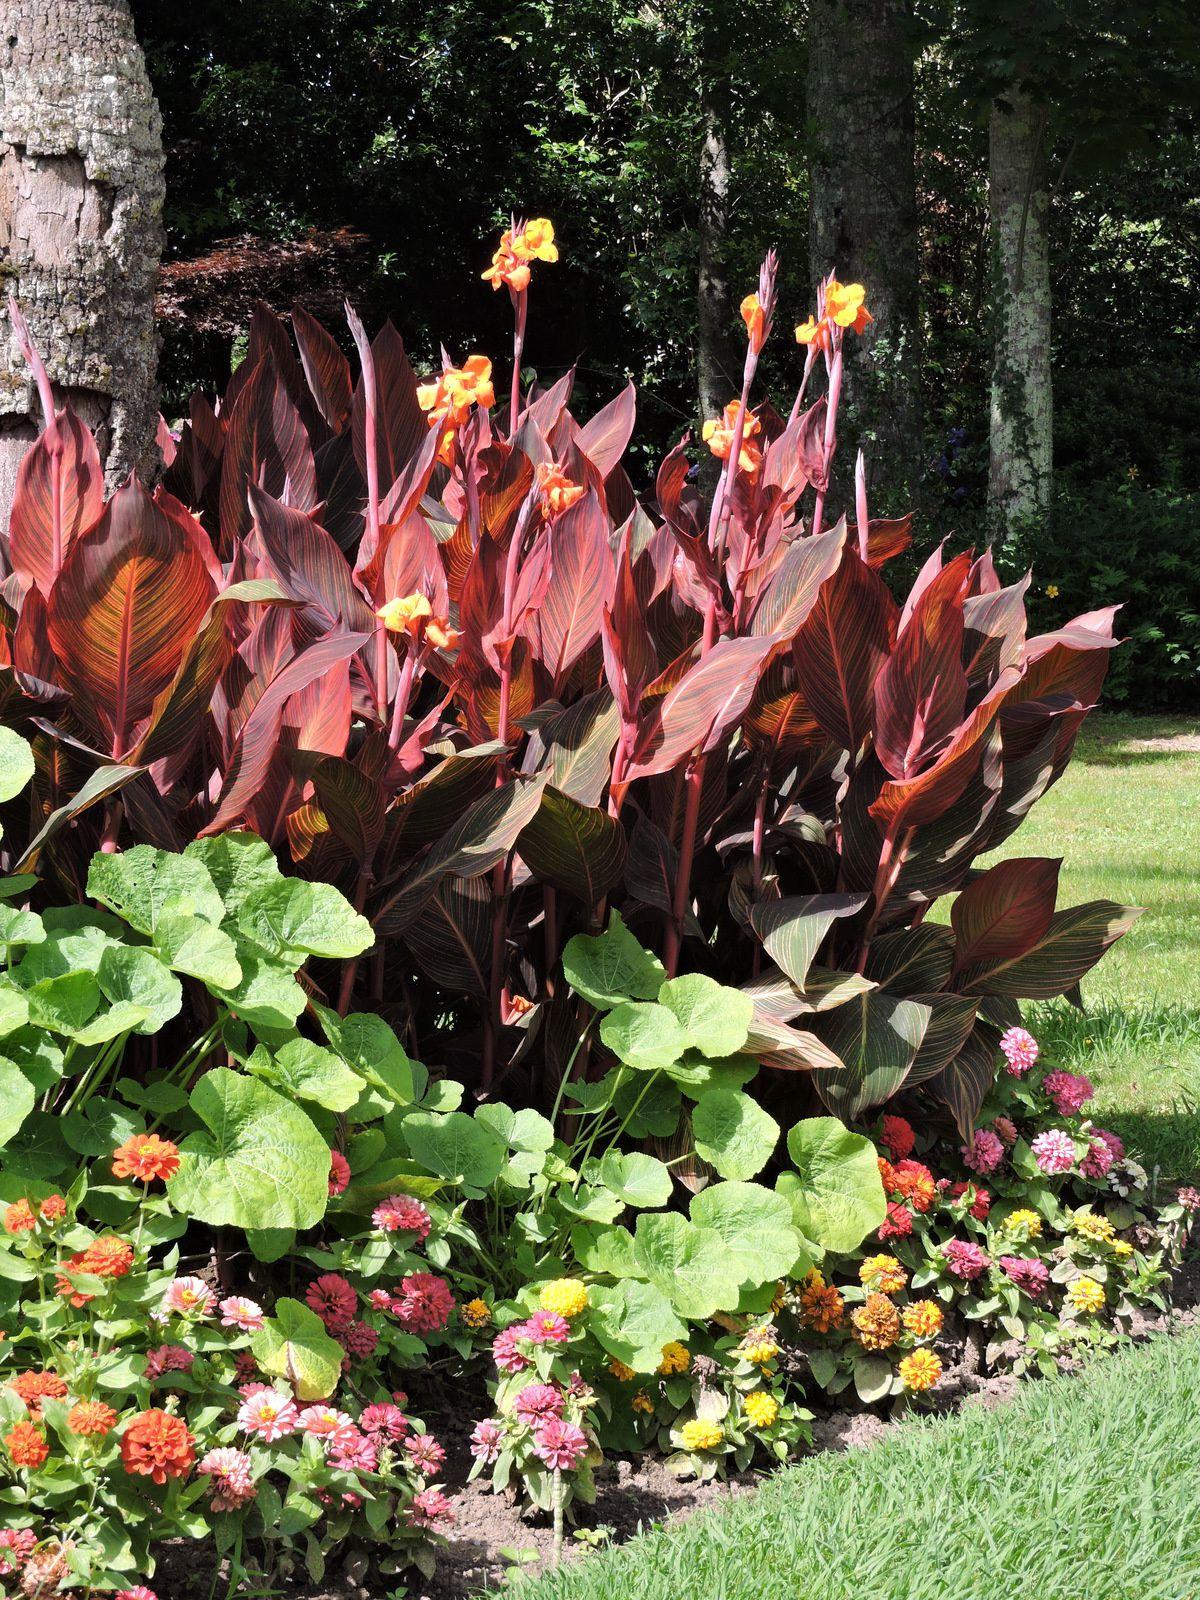 Les massifs de fleurs sont superbes . On se promène à l'ombre des grands arbres .On se repose sur les transats près des bassins et des fontaines ...